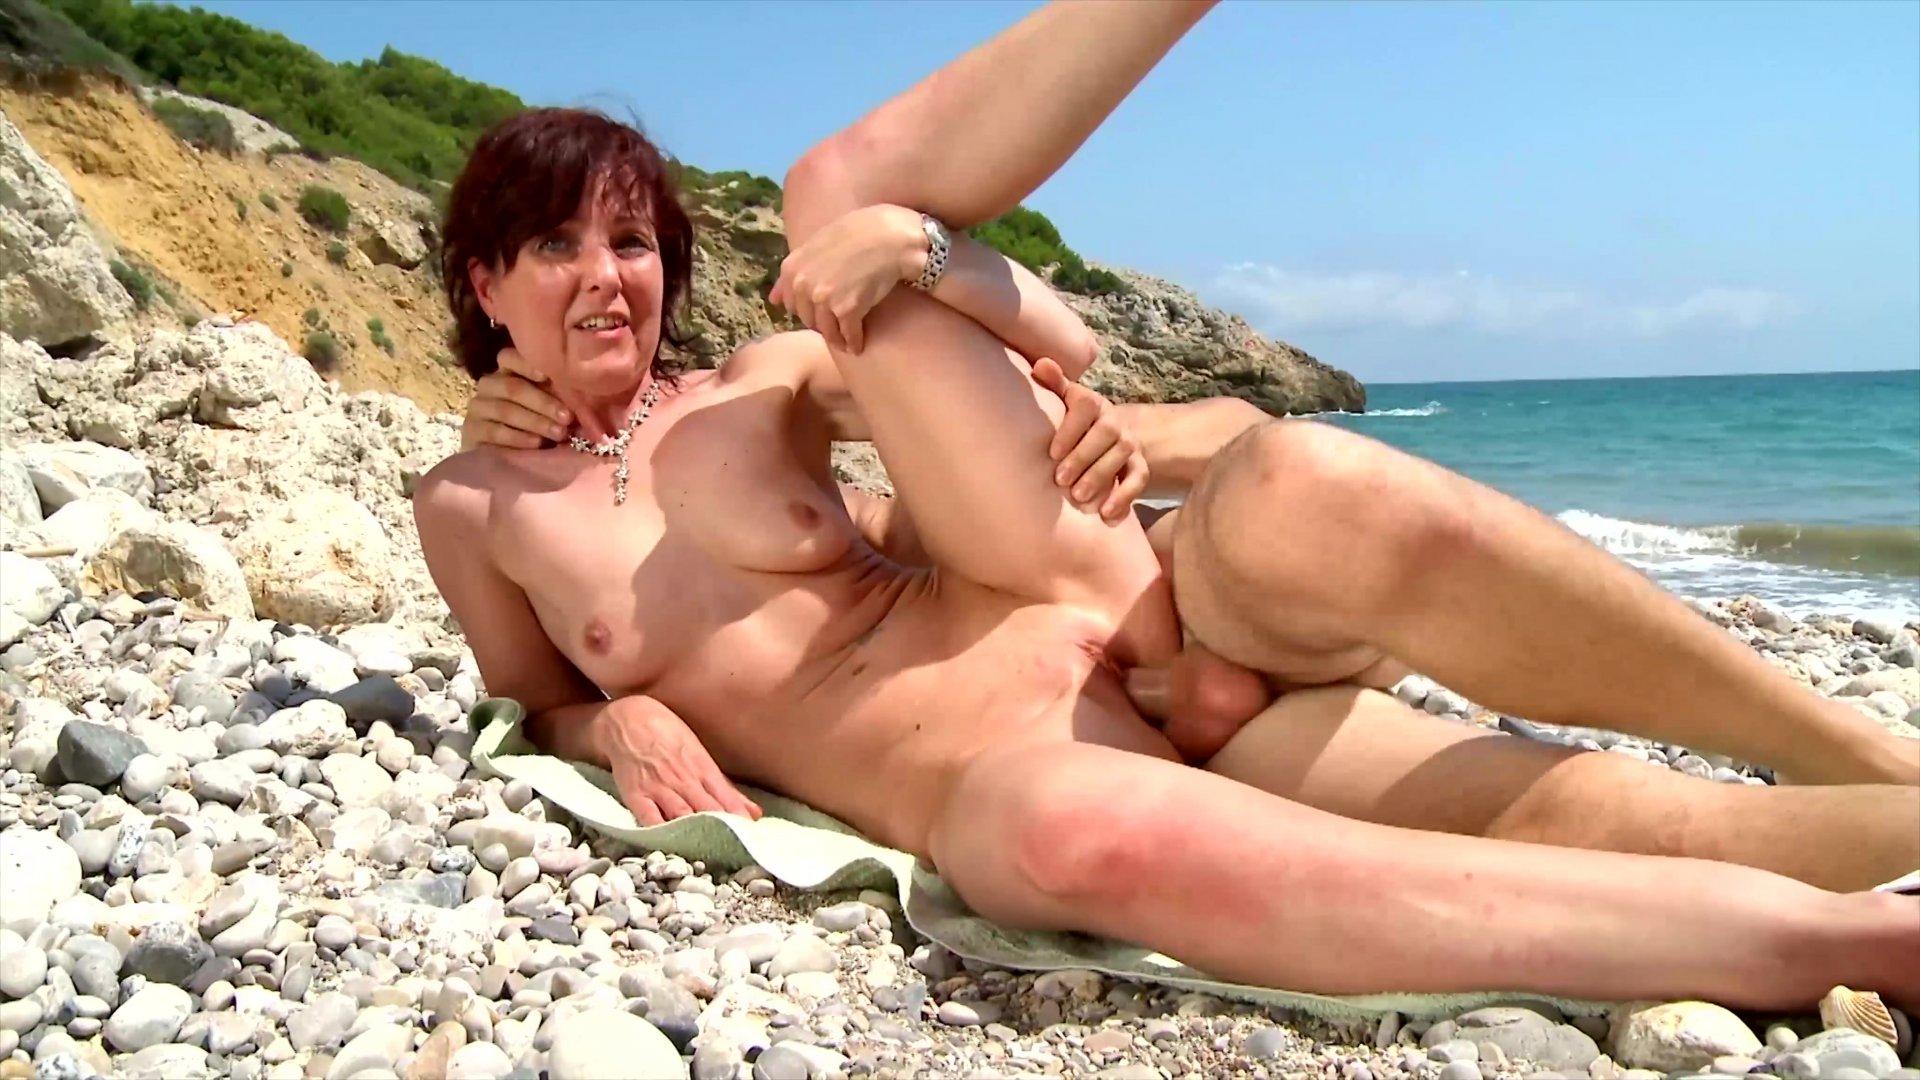 Horny Brunette Got Fucked On The Beach